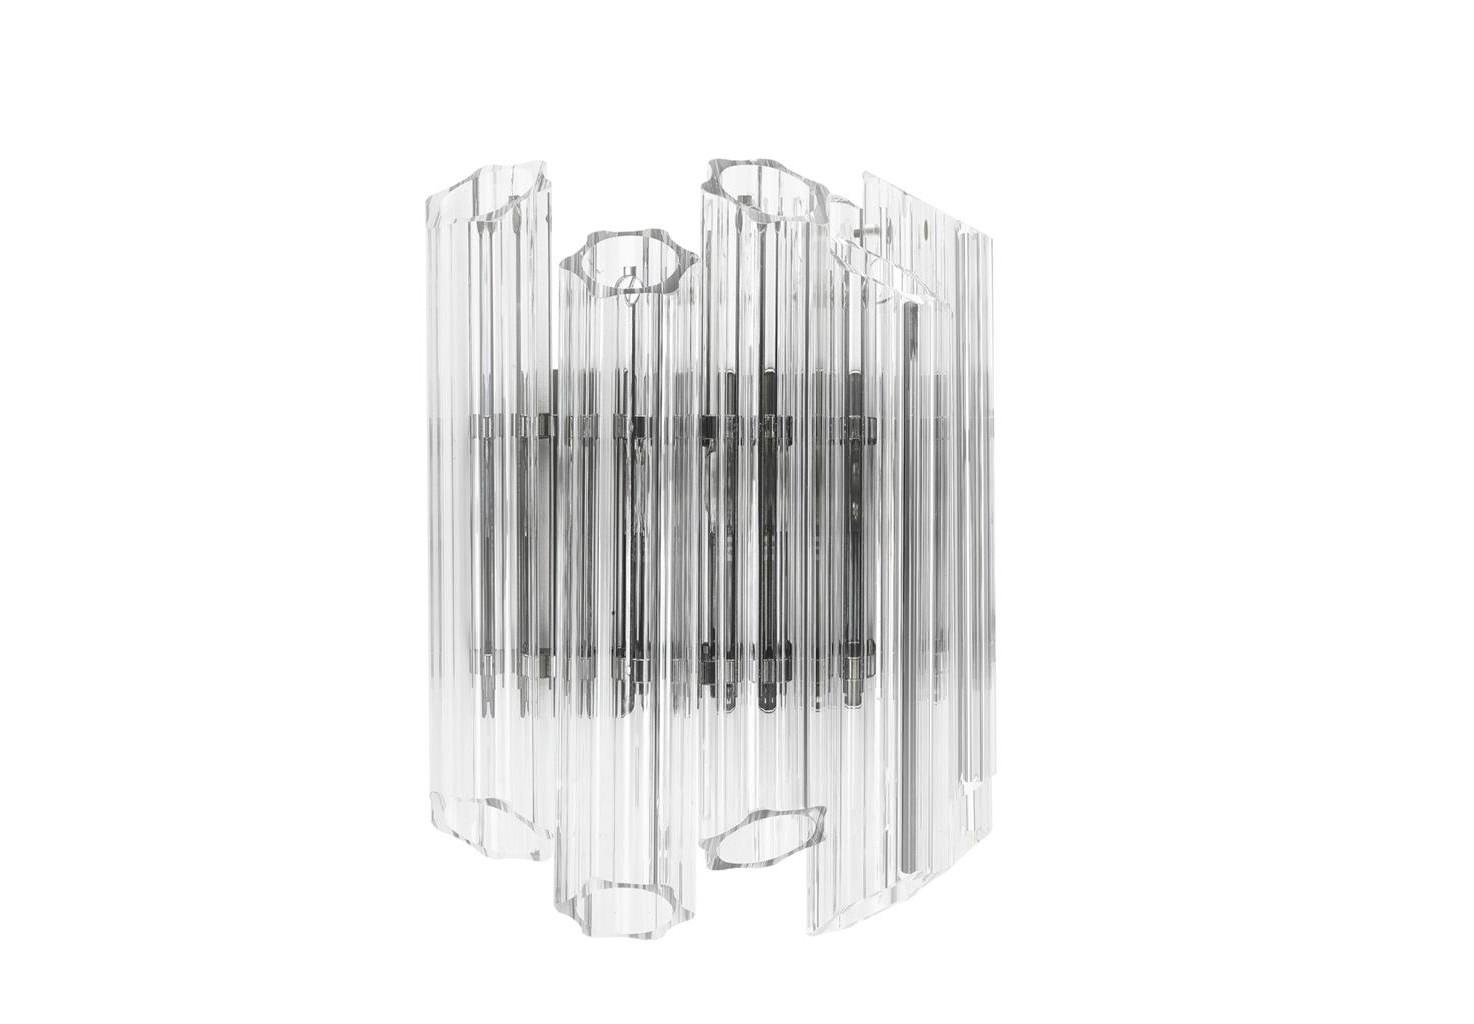 Настенный светильник   VittoriaБра<br>Настенный светильник Wall Lamp Vittoria состоит из колбочек, выполненных из прозрачного фактурного стекла. Светильник крепится на никелированной арматуре.&amp;lt;div&amp;gt;&amp;lt;br&amp;gt;&amp;lt;/div&amp;gt;&amp;lt;div&amp;gt;&amp;lt;div&amp;gt;Тип цоколя: E14&amp;lt;/div&amp;gt;&amp;lt;div&amp;gt;Мощность: 40W&amp;lt;/div&amp;gt;&amp;lt;div&amp;gt;Кол-во ламп: 2 (нет в комплекте)&amp;lt;/div&amp;gt;&amp;lt;/div&amp;gt;<br><br>Material: Стекло<br>Ширина см: 33<br>Высота см: 32<br>Глубина см: 17